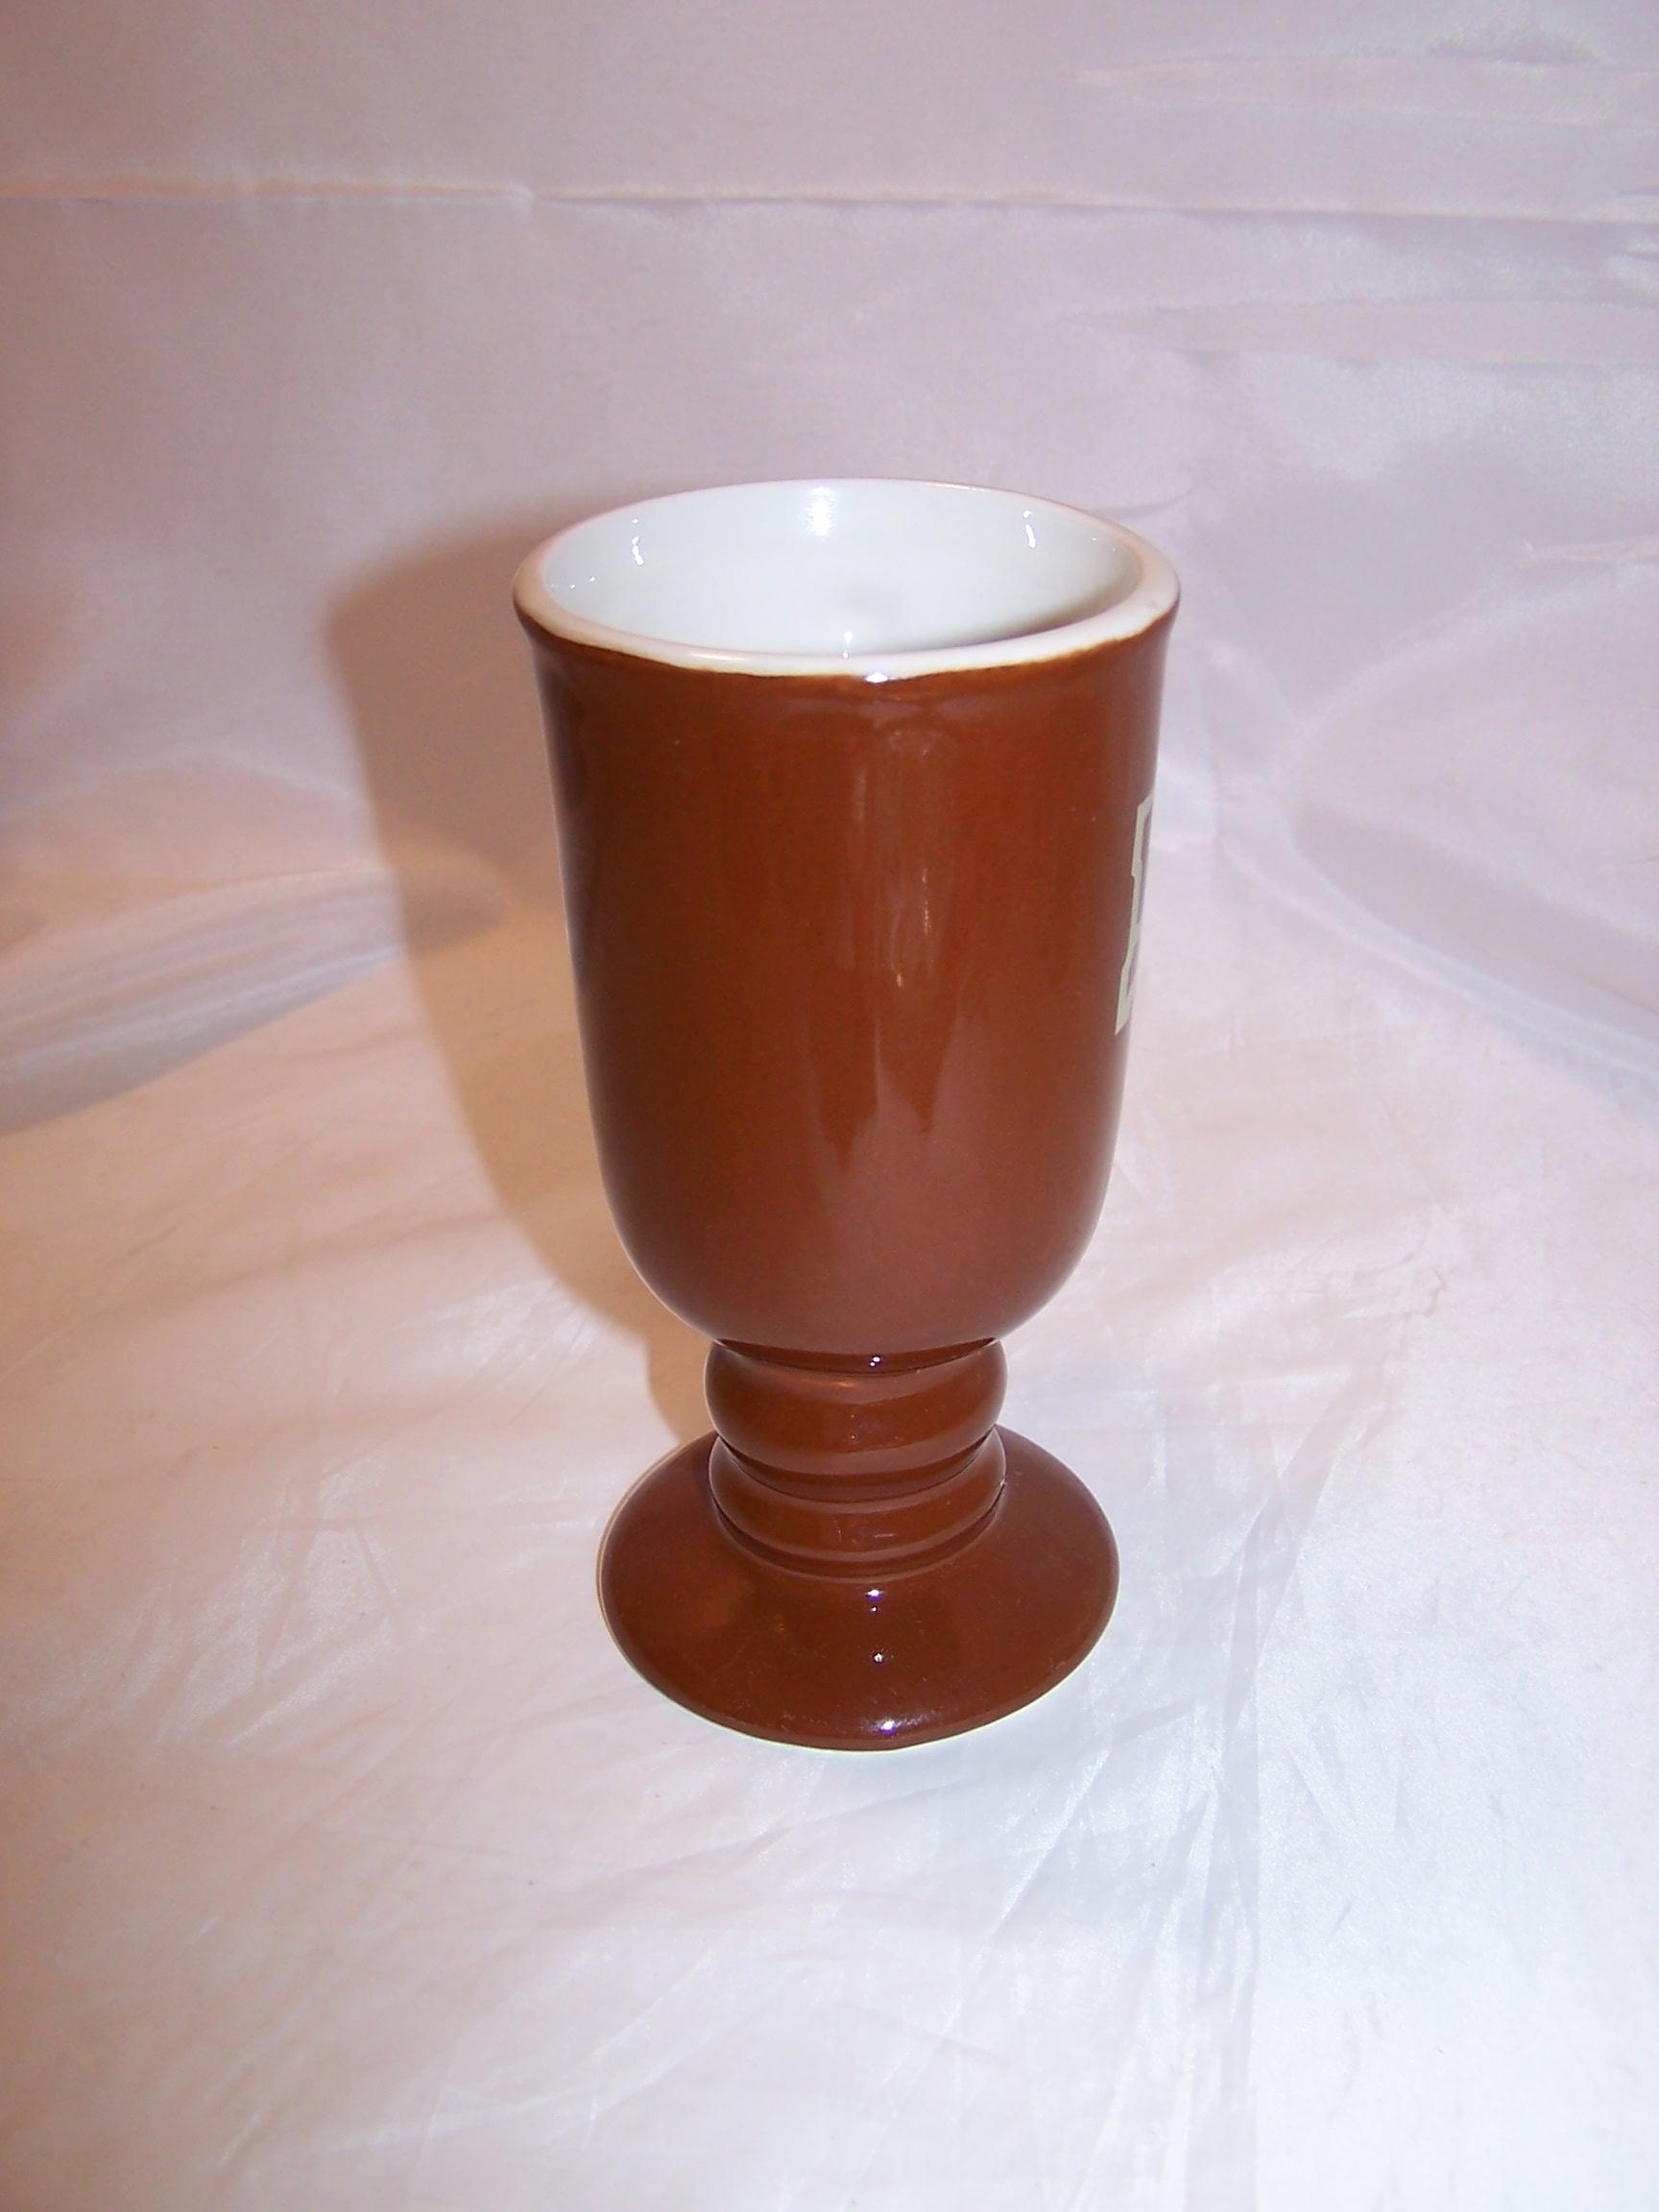 Image 3 of Carl Stokes Mug, Cleveland, The Pewter Mug